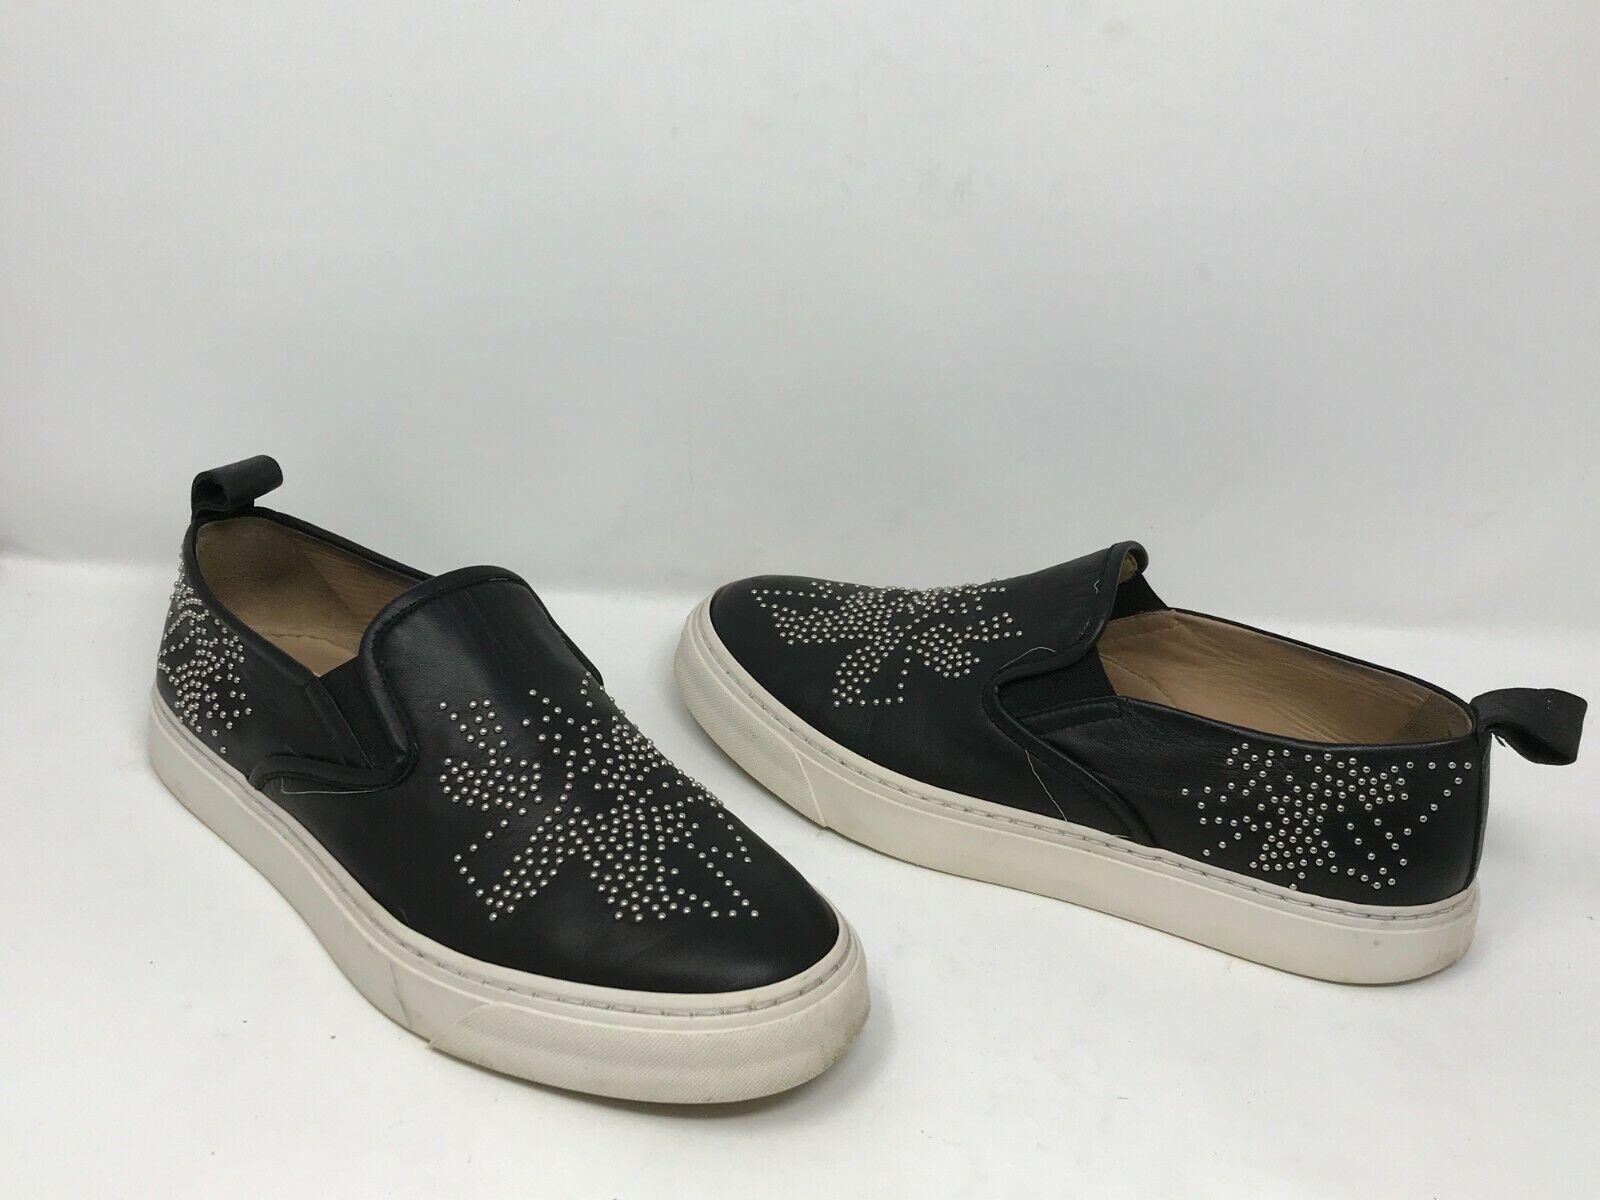 WORN CHLOE en cuir noir Argent Métallisé Clouté Mocassins Slipon Chaussures SZ 39 8.5